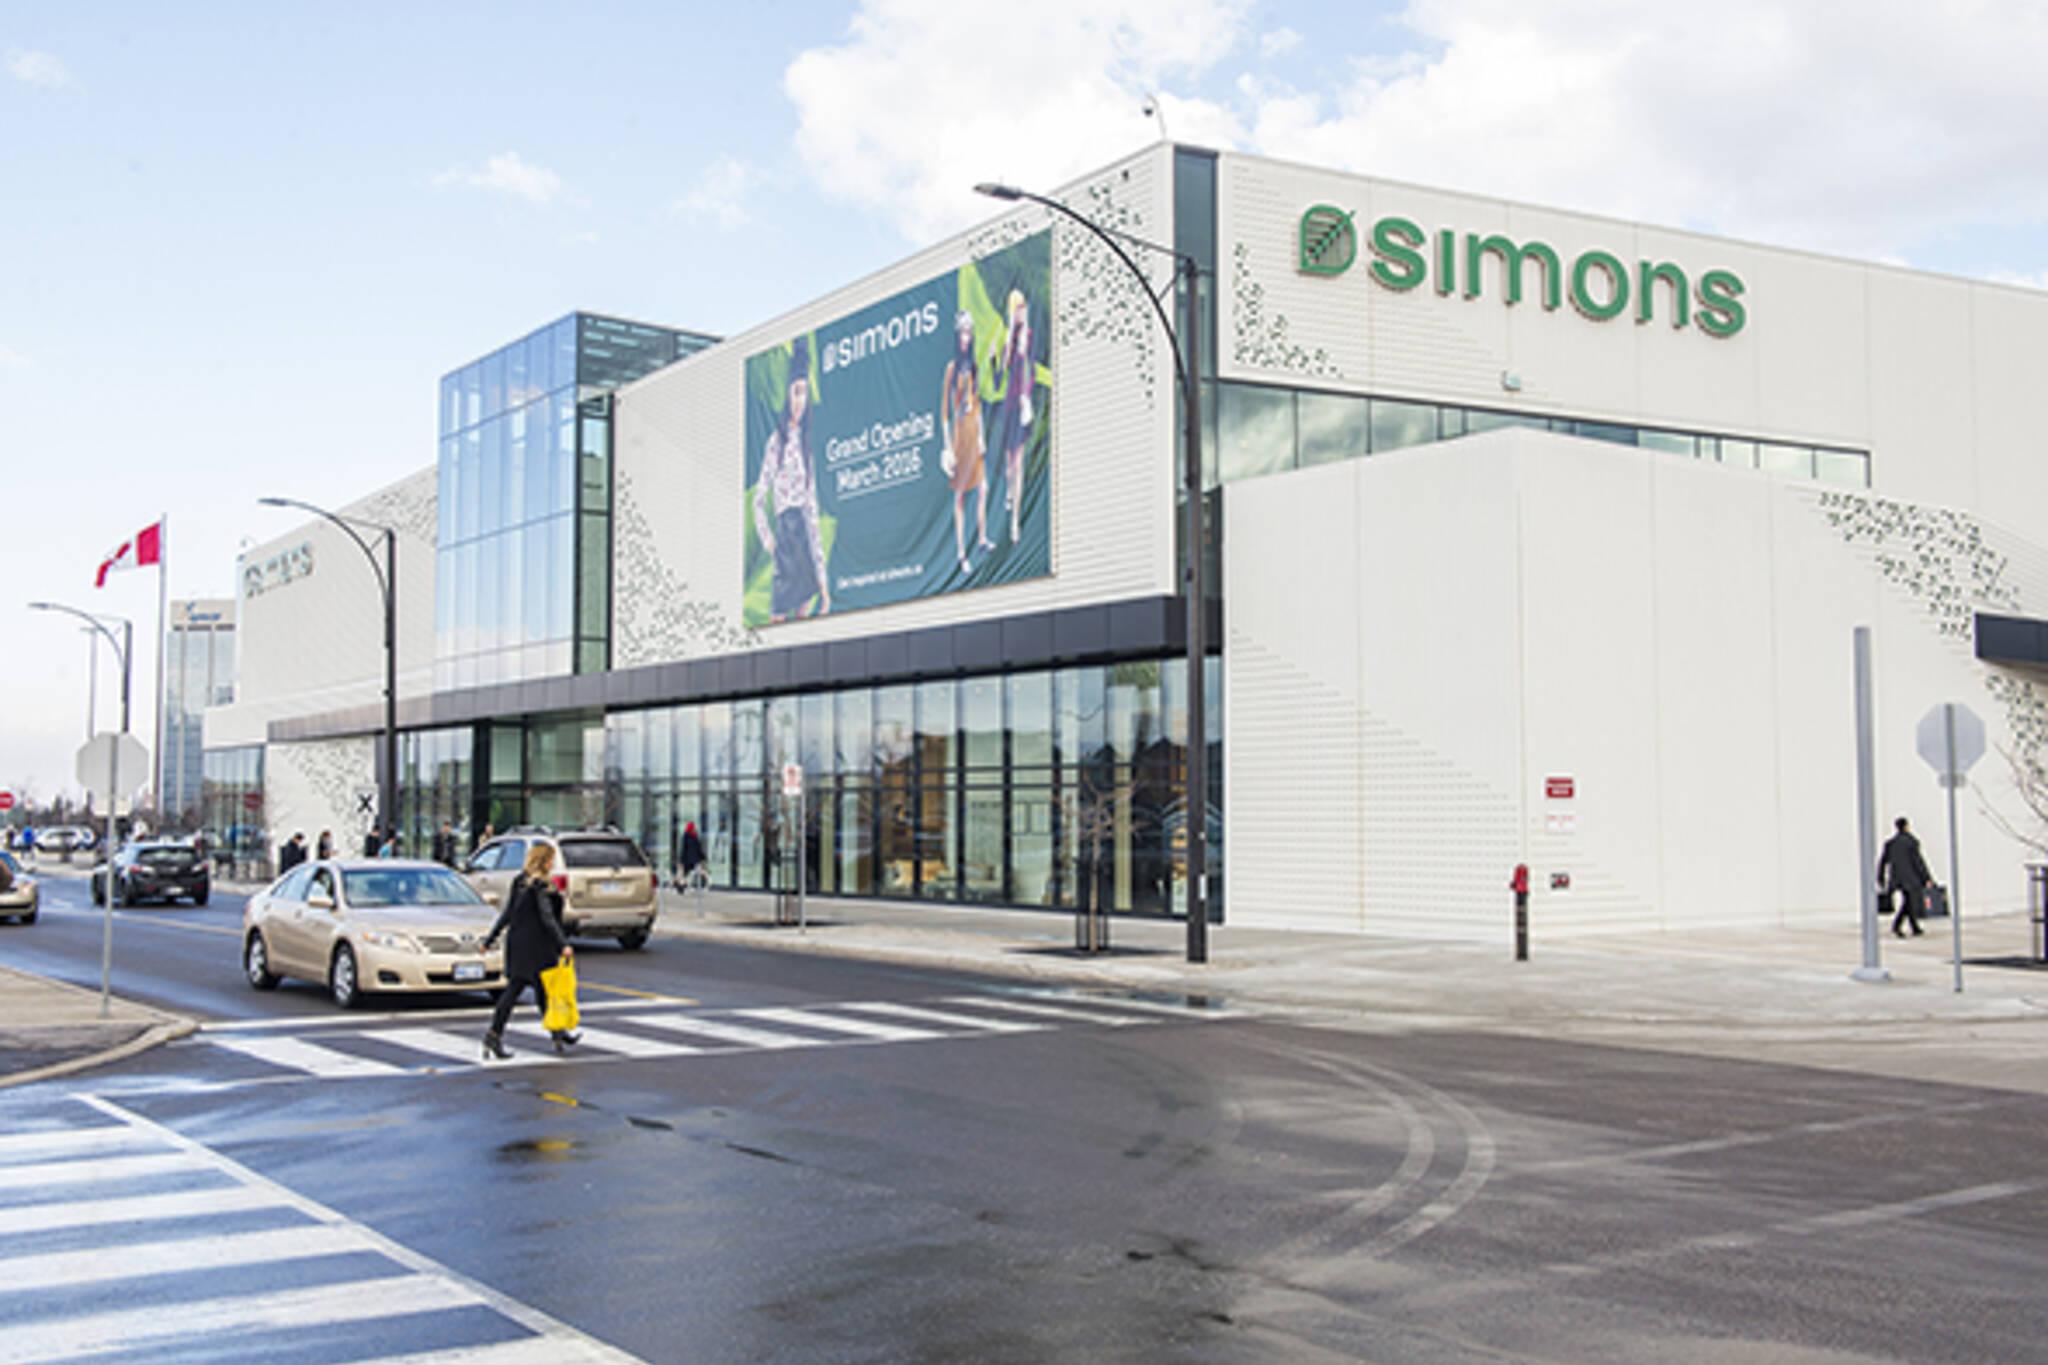 Simons Toronto